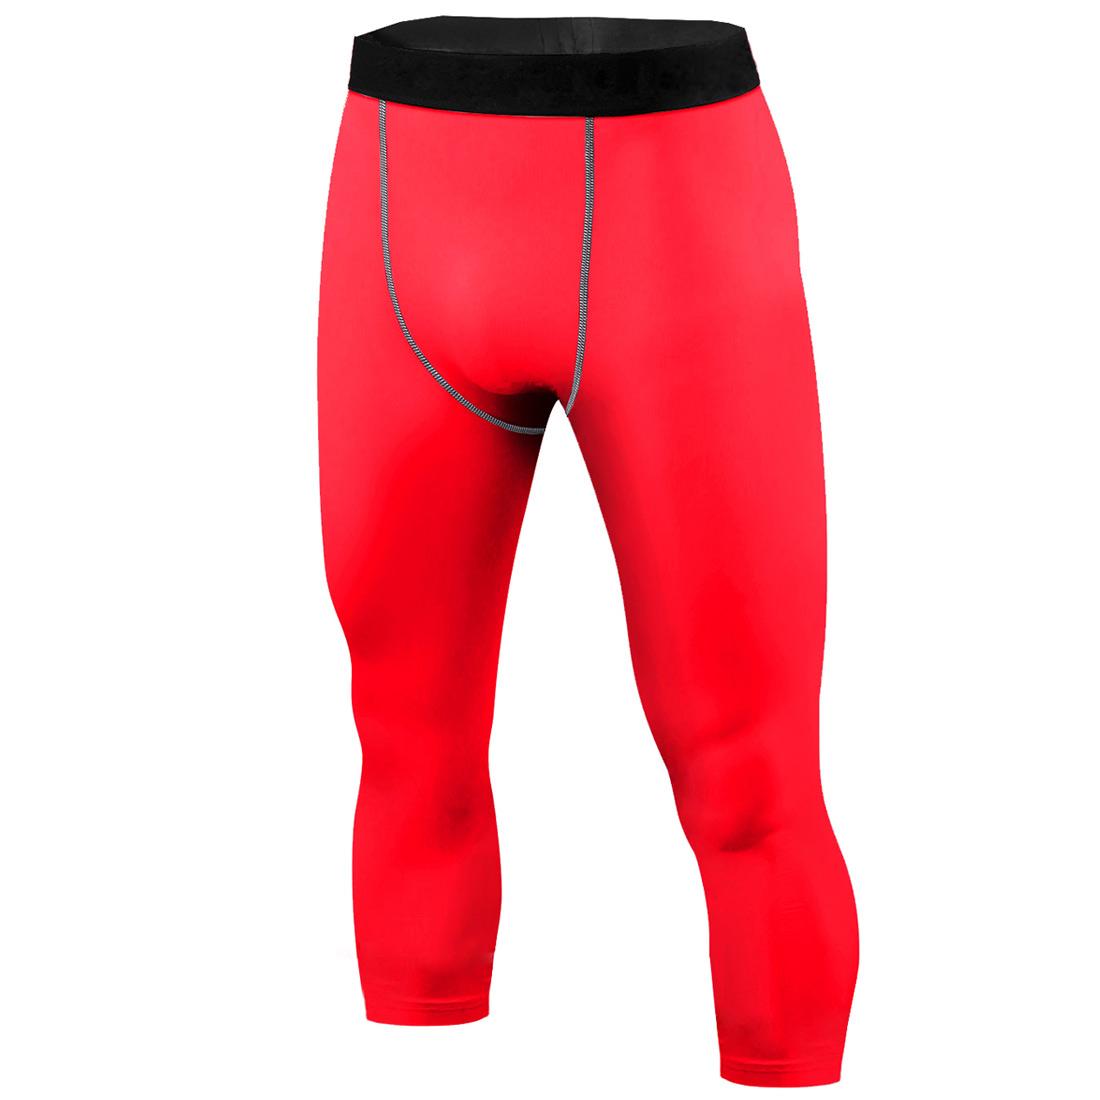 Mens Under Compression Tops Shorts Pants Running Tights Cycling Base